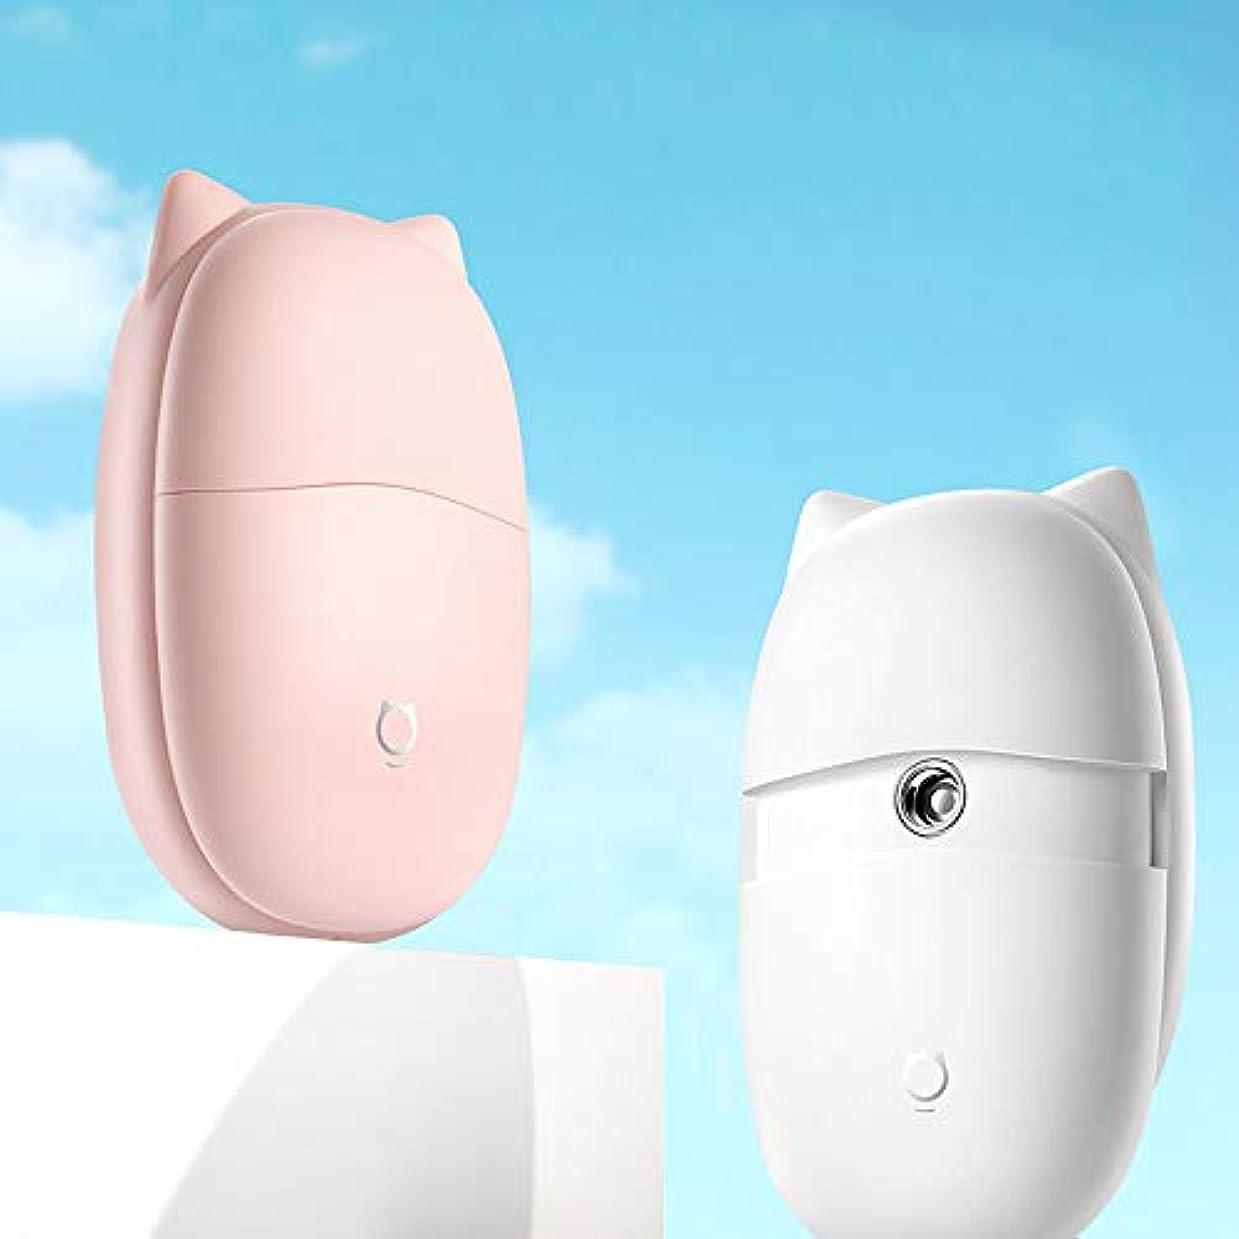 モールス信号闘争リネンZXF 新しいミニハンドヘルドポータブルナノスプレースチームフェイスフェイシャル美容加湿器スプレーウサギ猫水道メーター美容機器ホワイトピンク 滑らかである (色 : Pink)